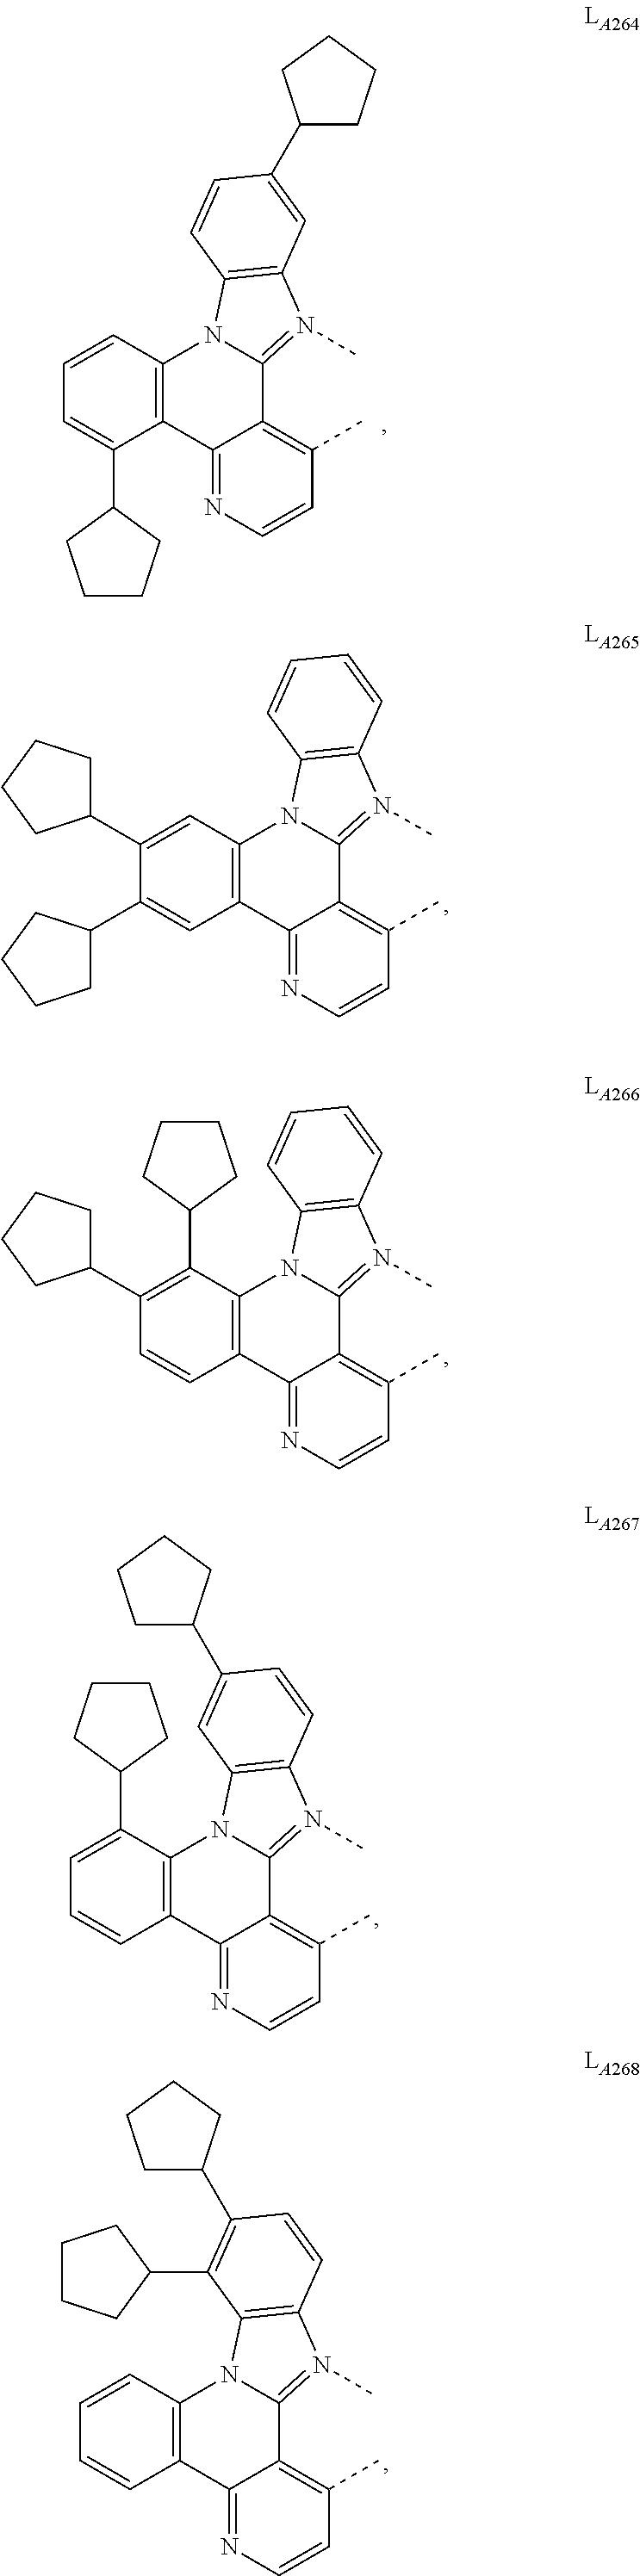 Figure US09905785-20180227-C00481